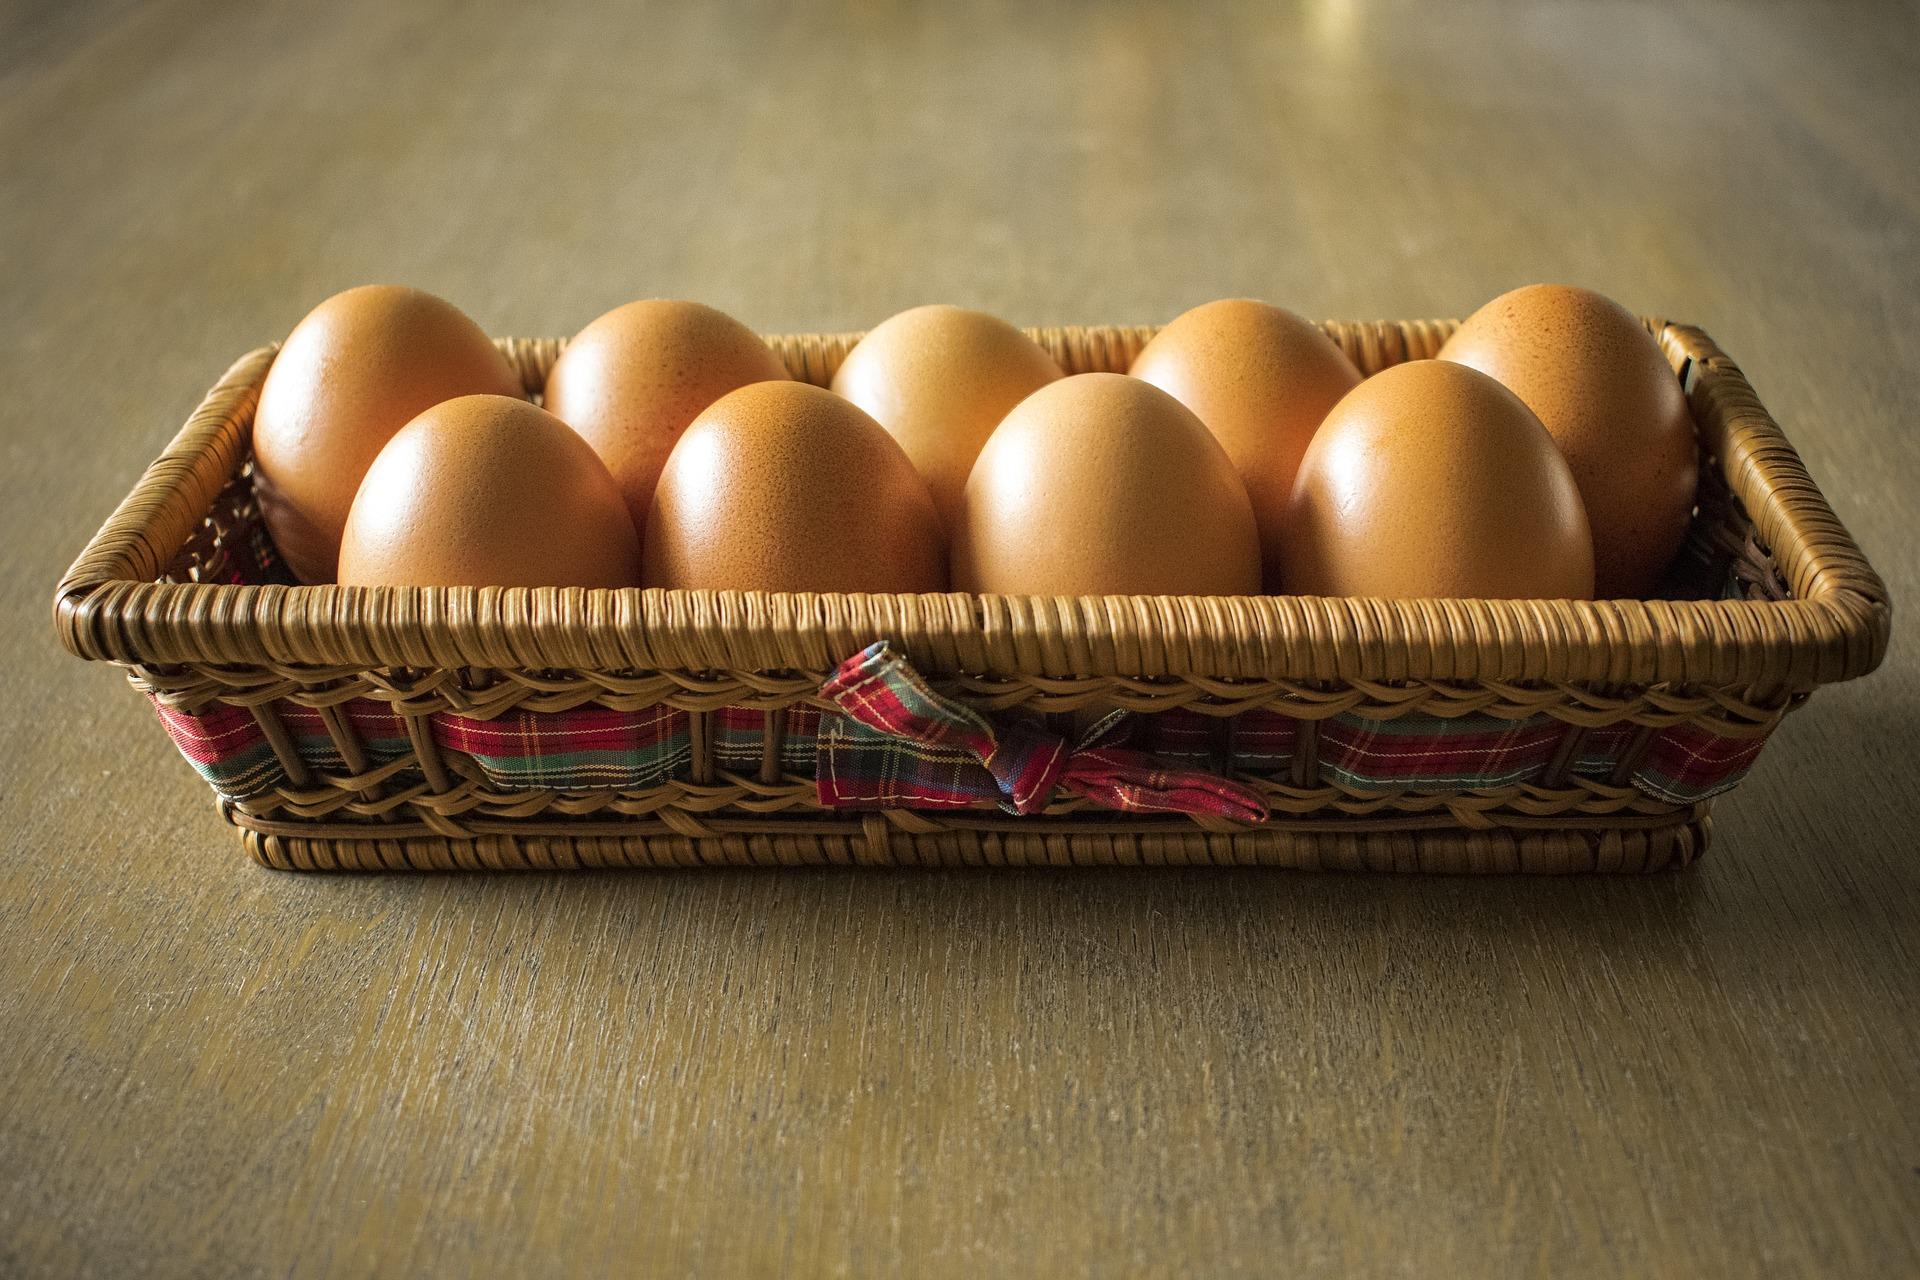 Вперше Україна імпортувала яйця з Білорусі